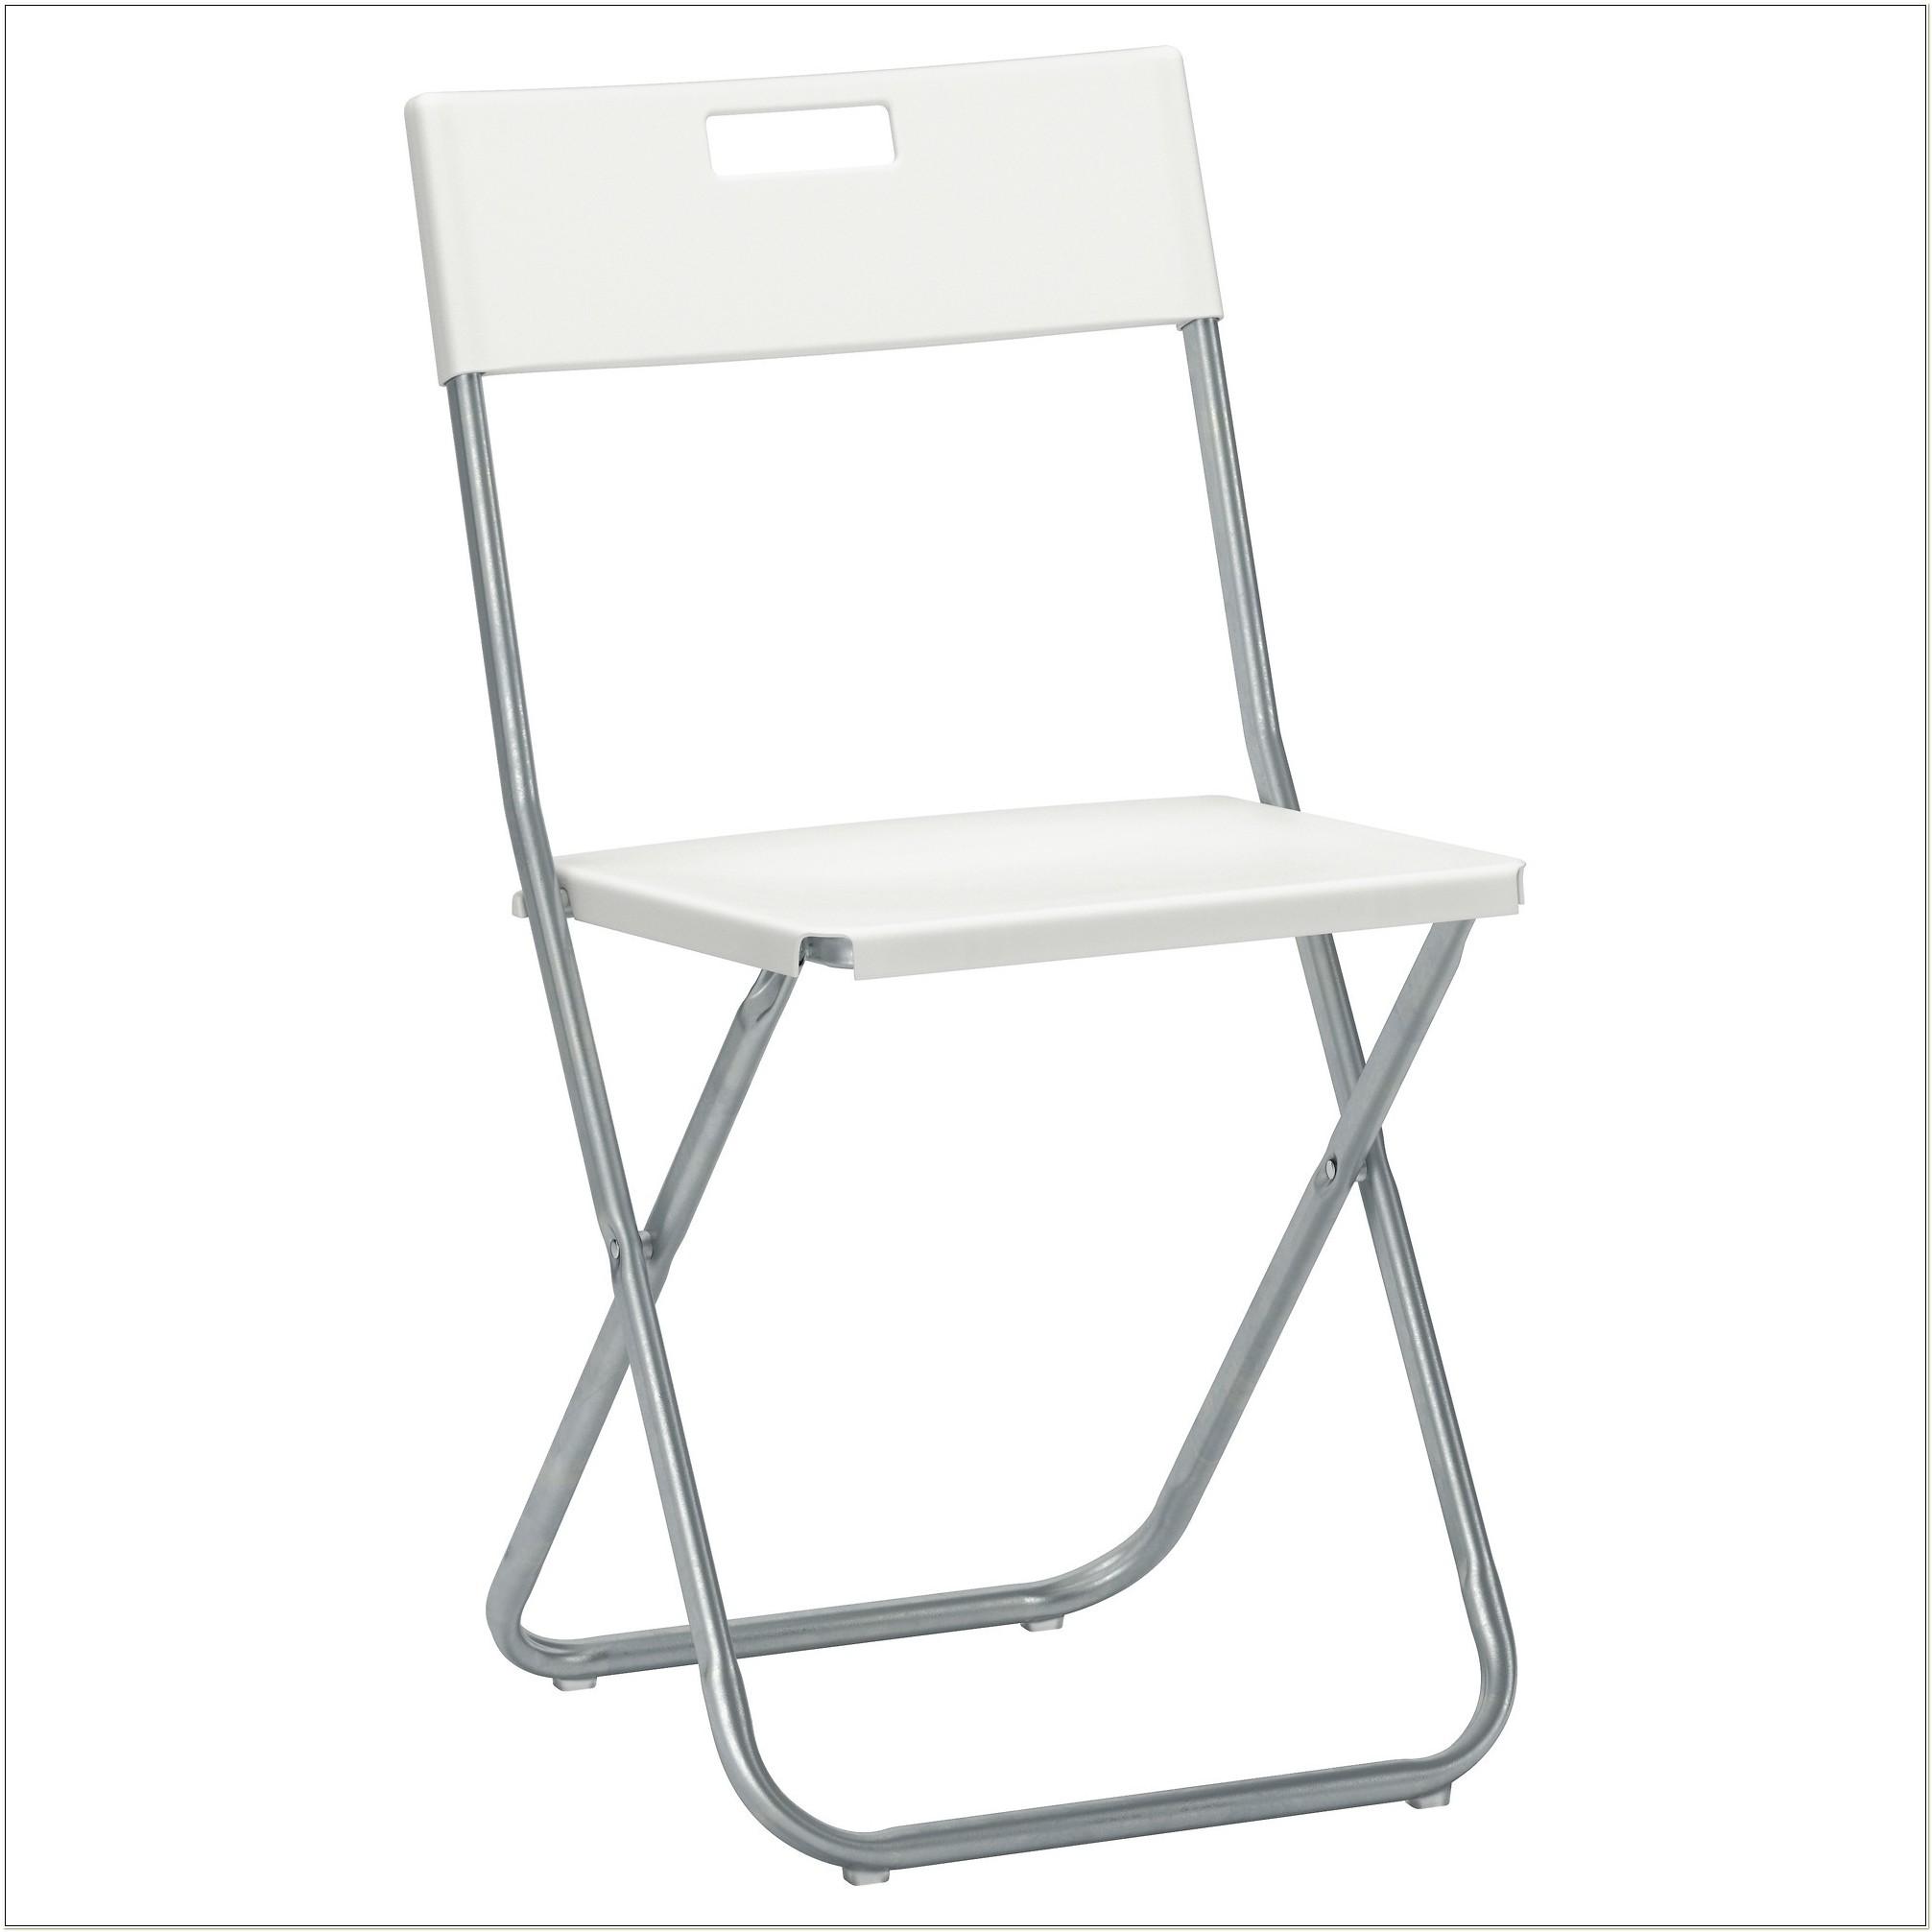 Ikea White Folding Chairs